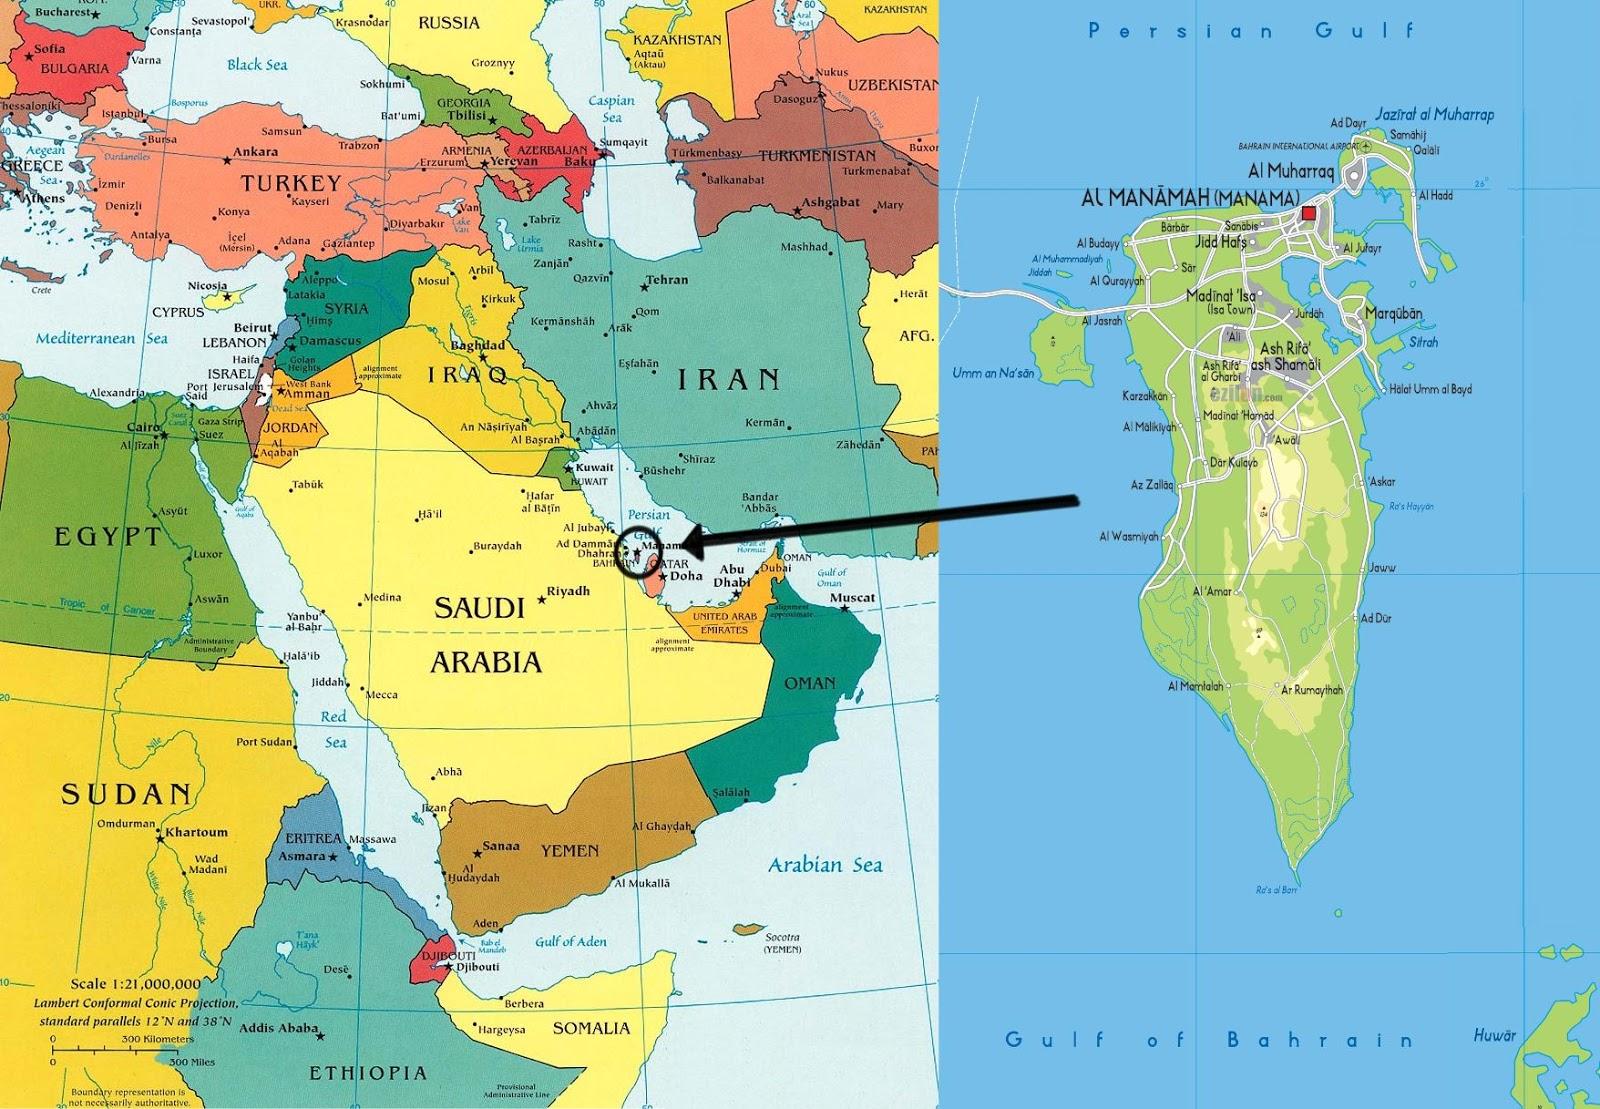 Islas del mundo bahr in for Donde se encuentra el marmol